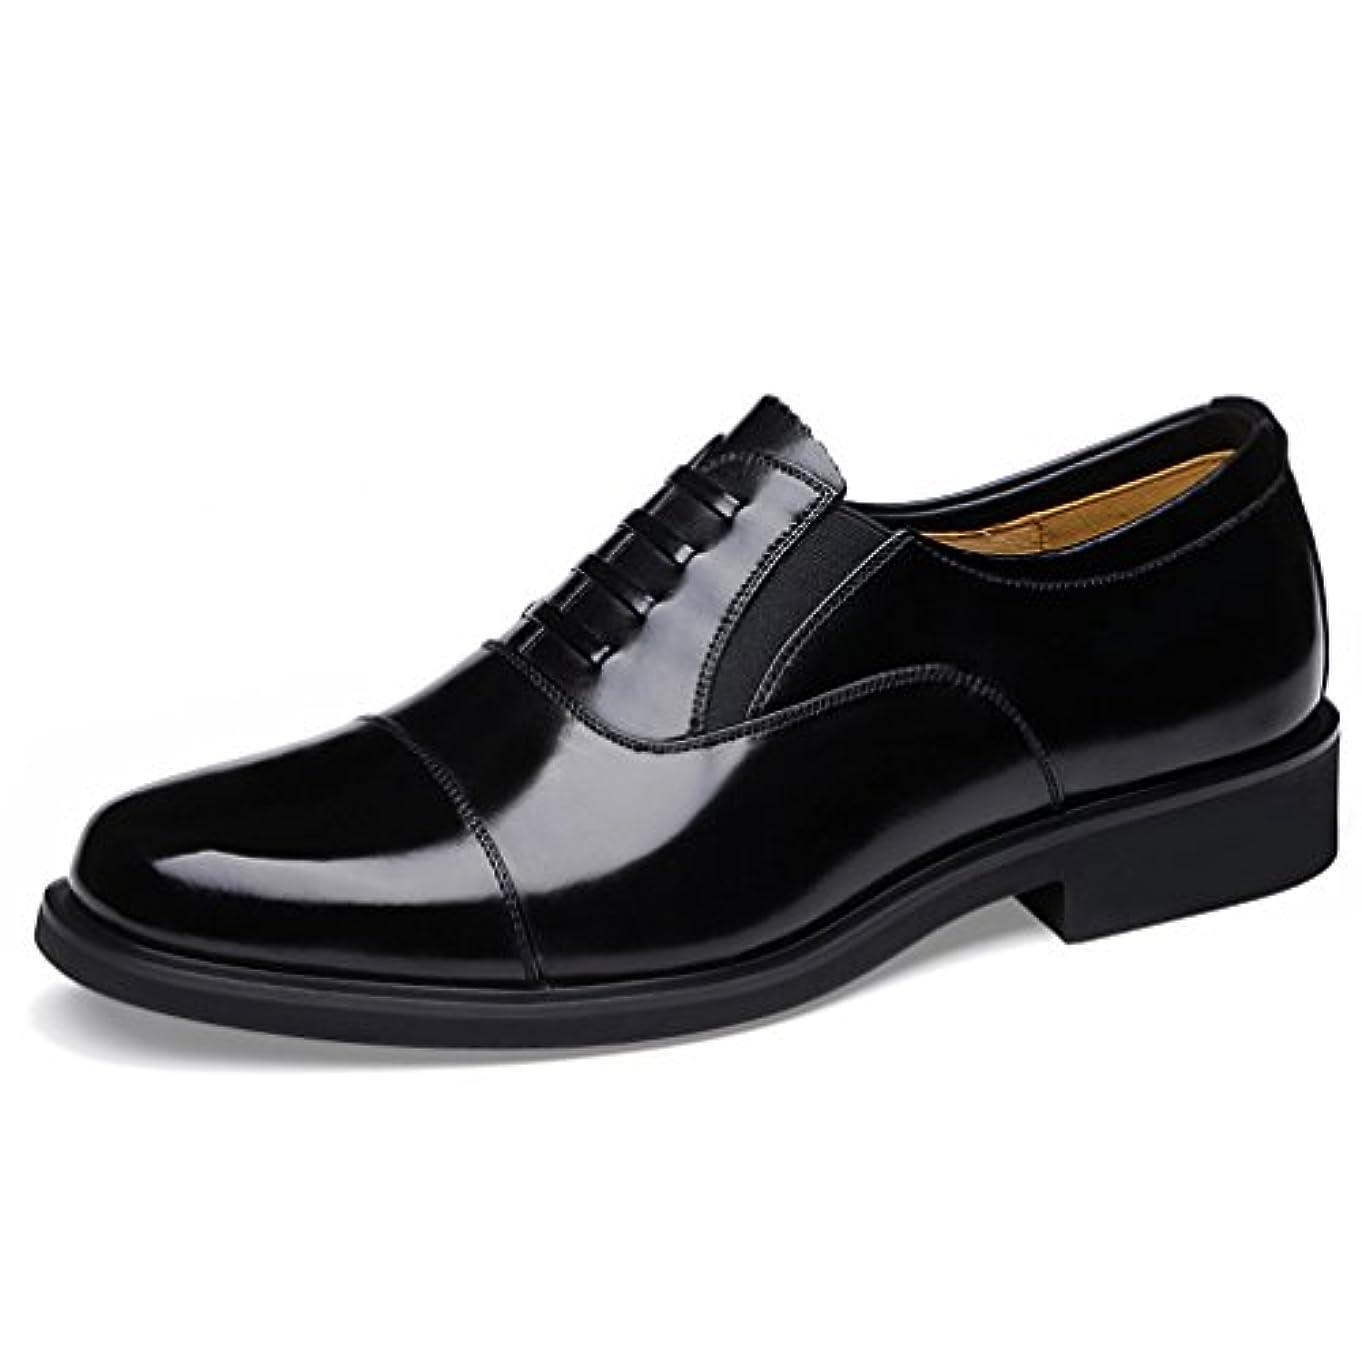 把握バクテリア手を差し伸べるWEWIN ビジネスシューズ メンズ 本革 ローファー スリッポン サイドゴア 大きいサイズ 革靴 ストレートチップ ファッション 防滑 通気 黒